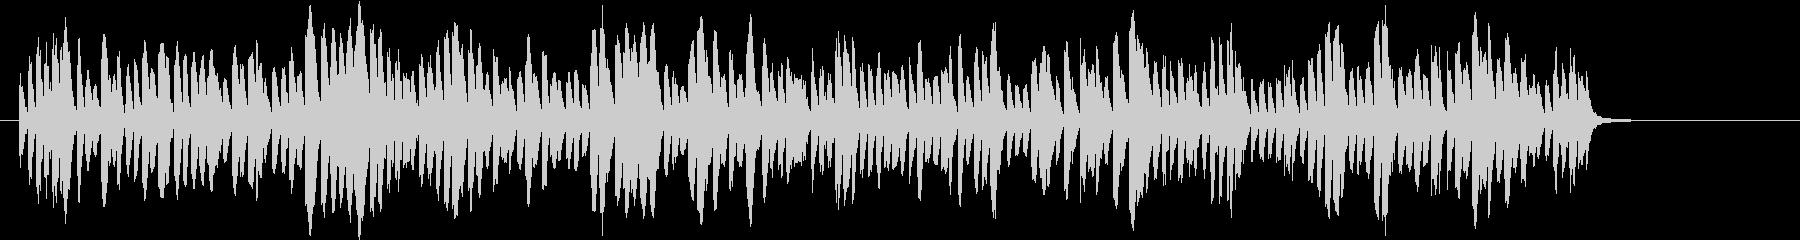 研究施設にて機械が作動している音の未再生の波形